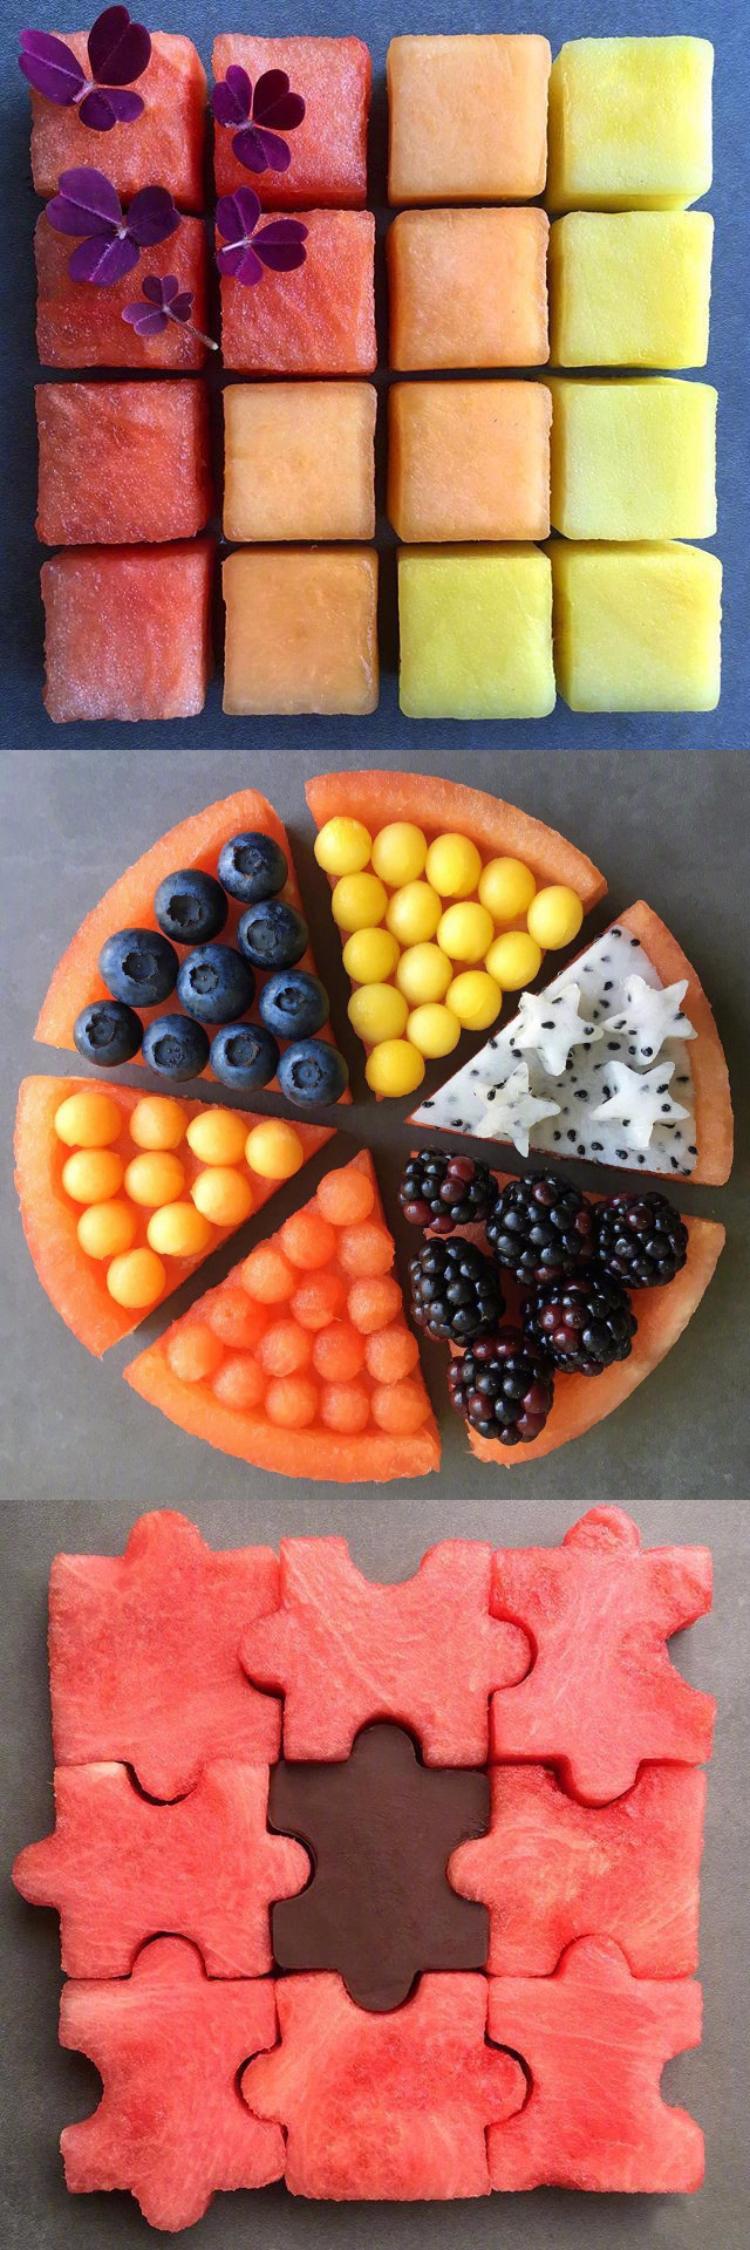 一位妈妈为自己的孩子准备的水果,可以治好我的强迫症了